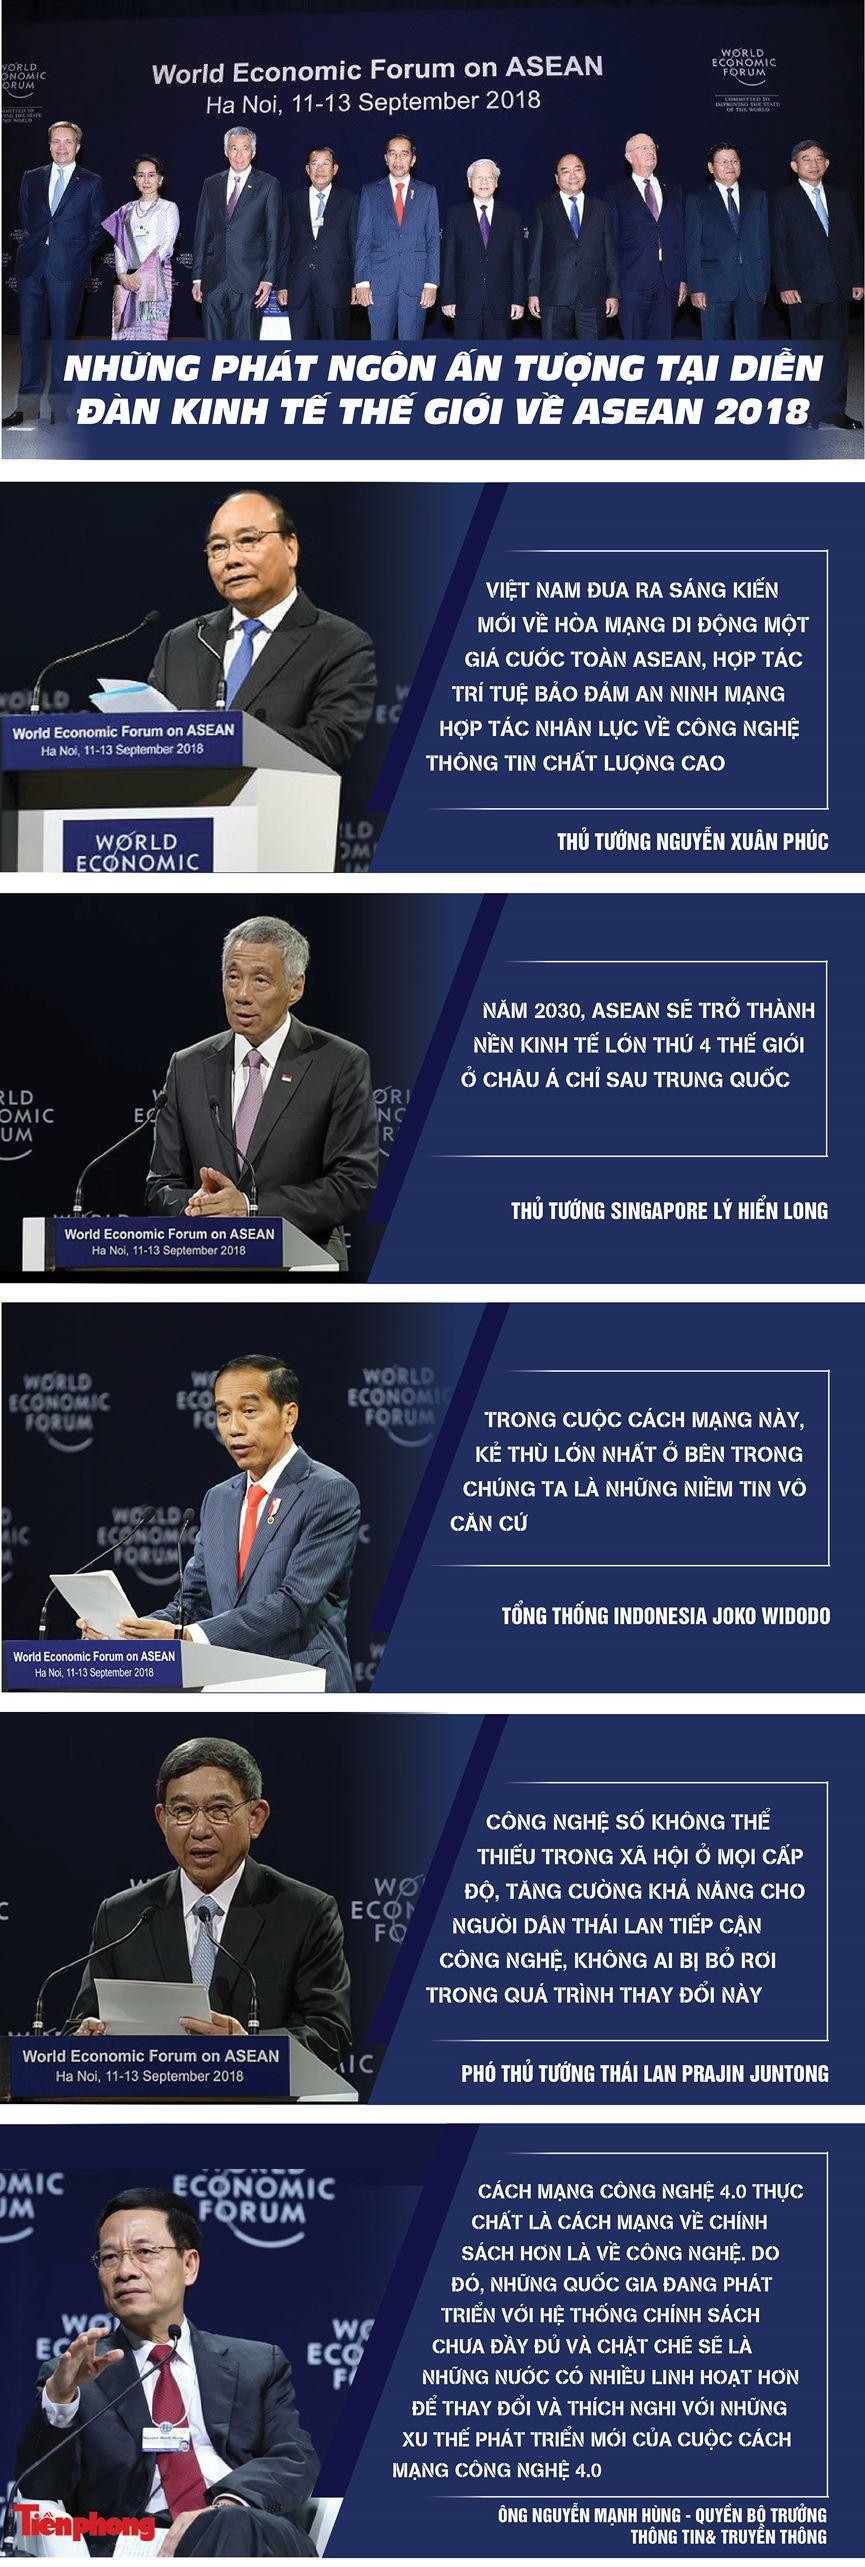 Những phát ngôn ấn tượng tại Diễn đàn Kinh tế thế giới về ASEAN 2018 - 1